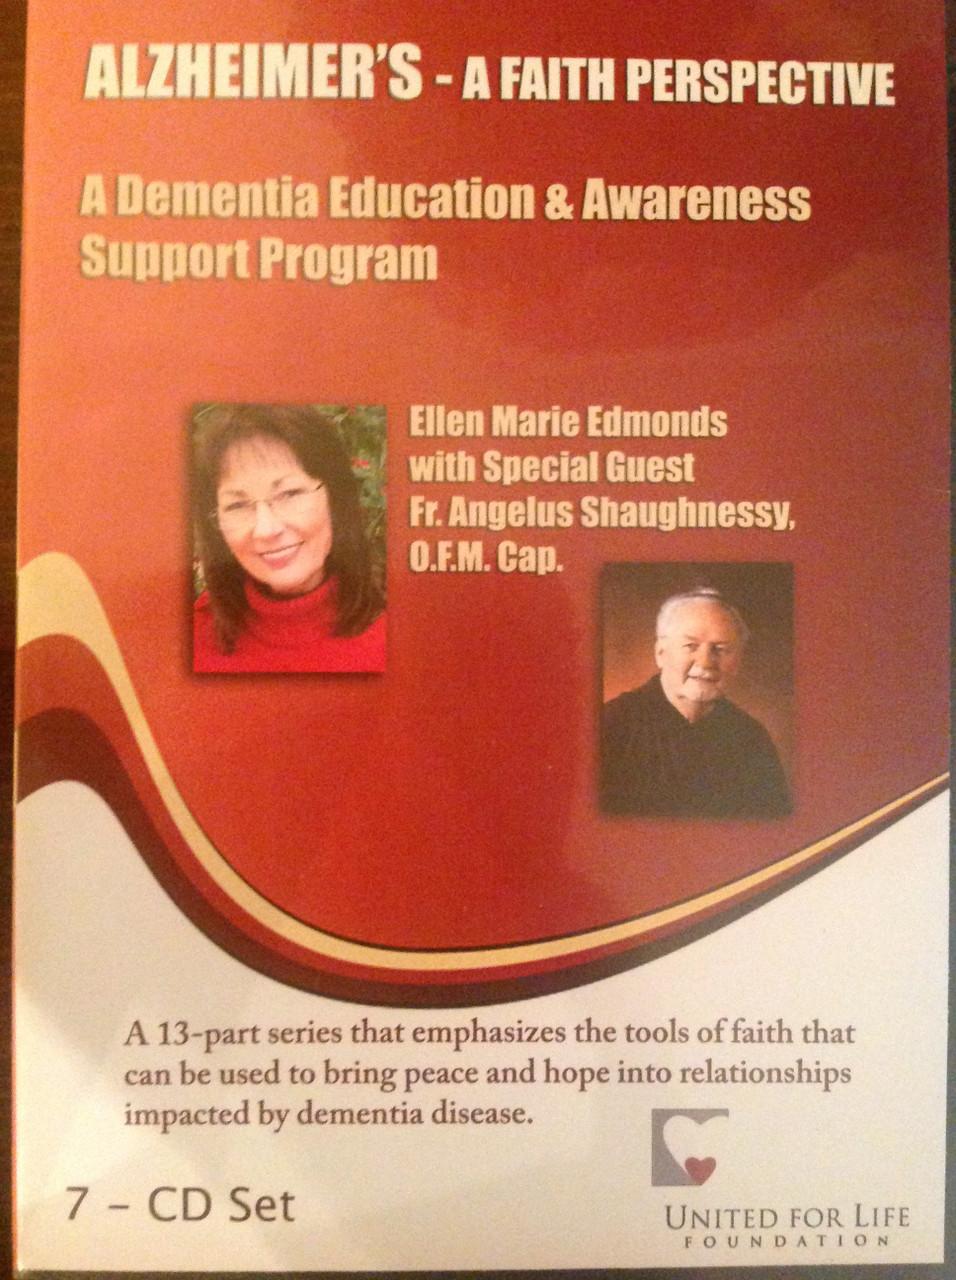 Alzheimer's - A Faith Perspective CD